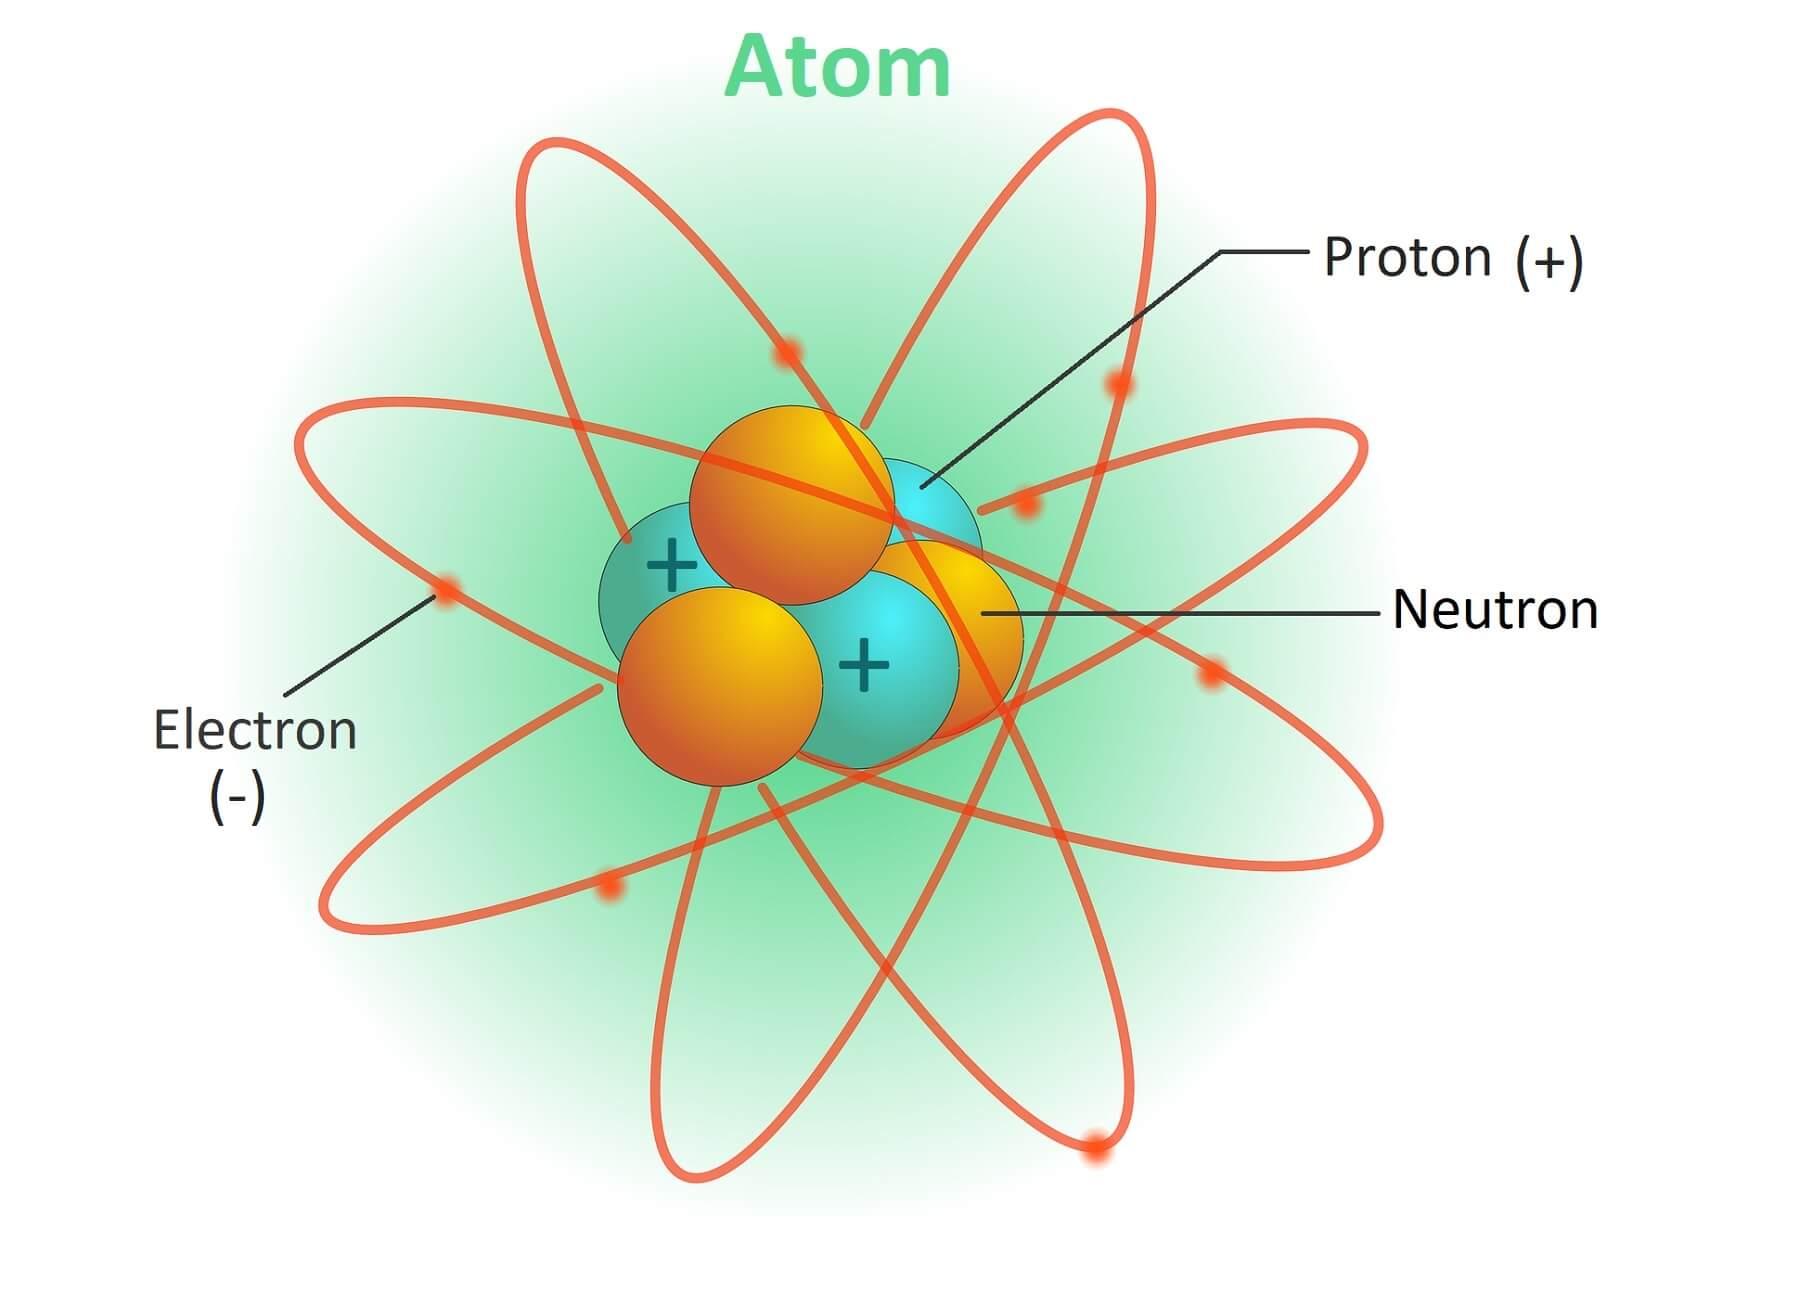 atom structure electron neutron proton